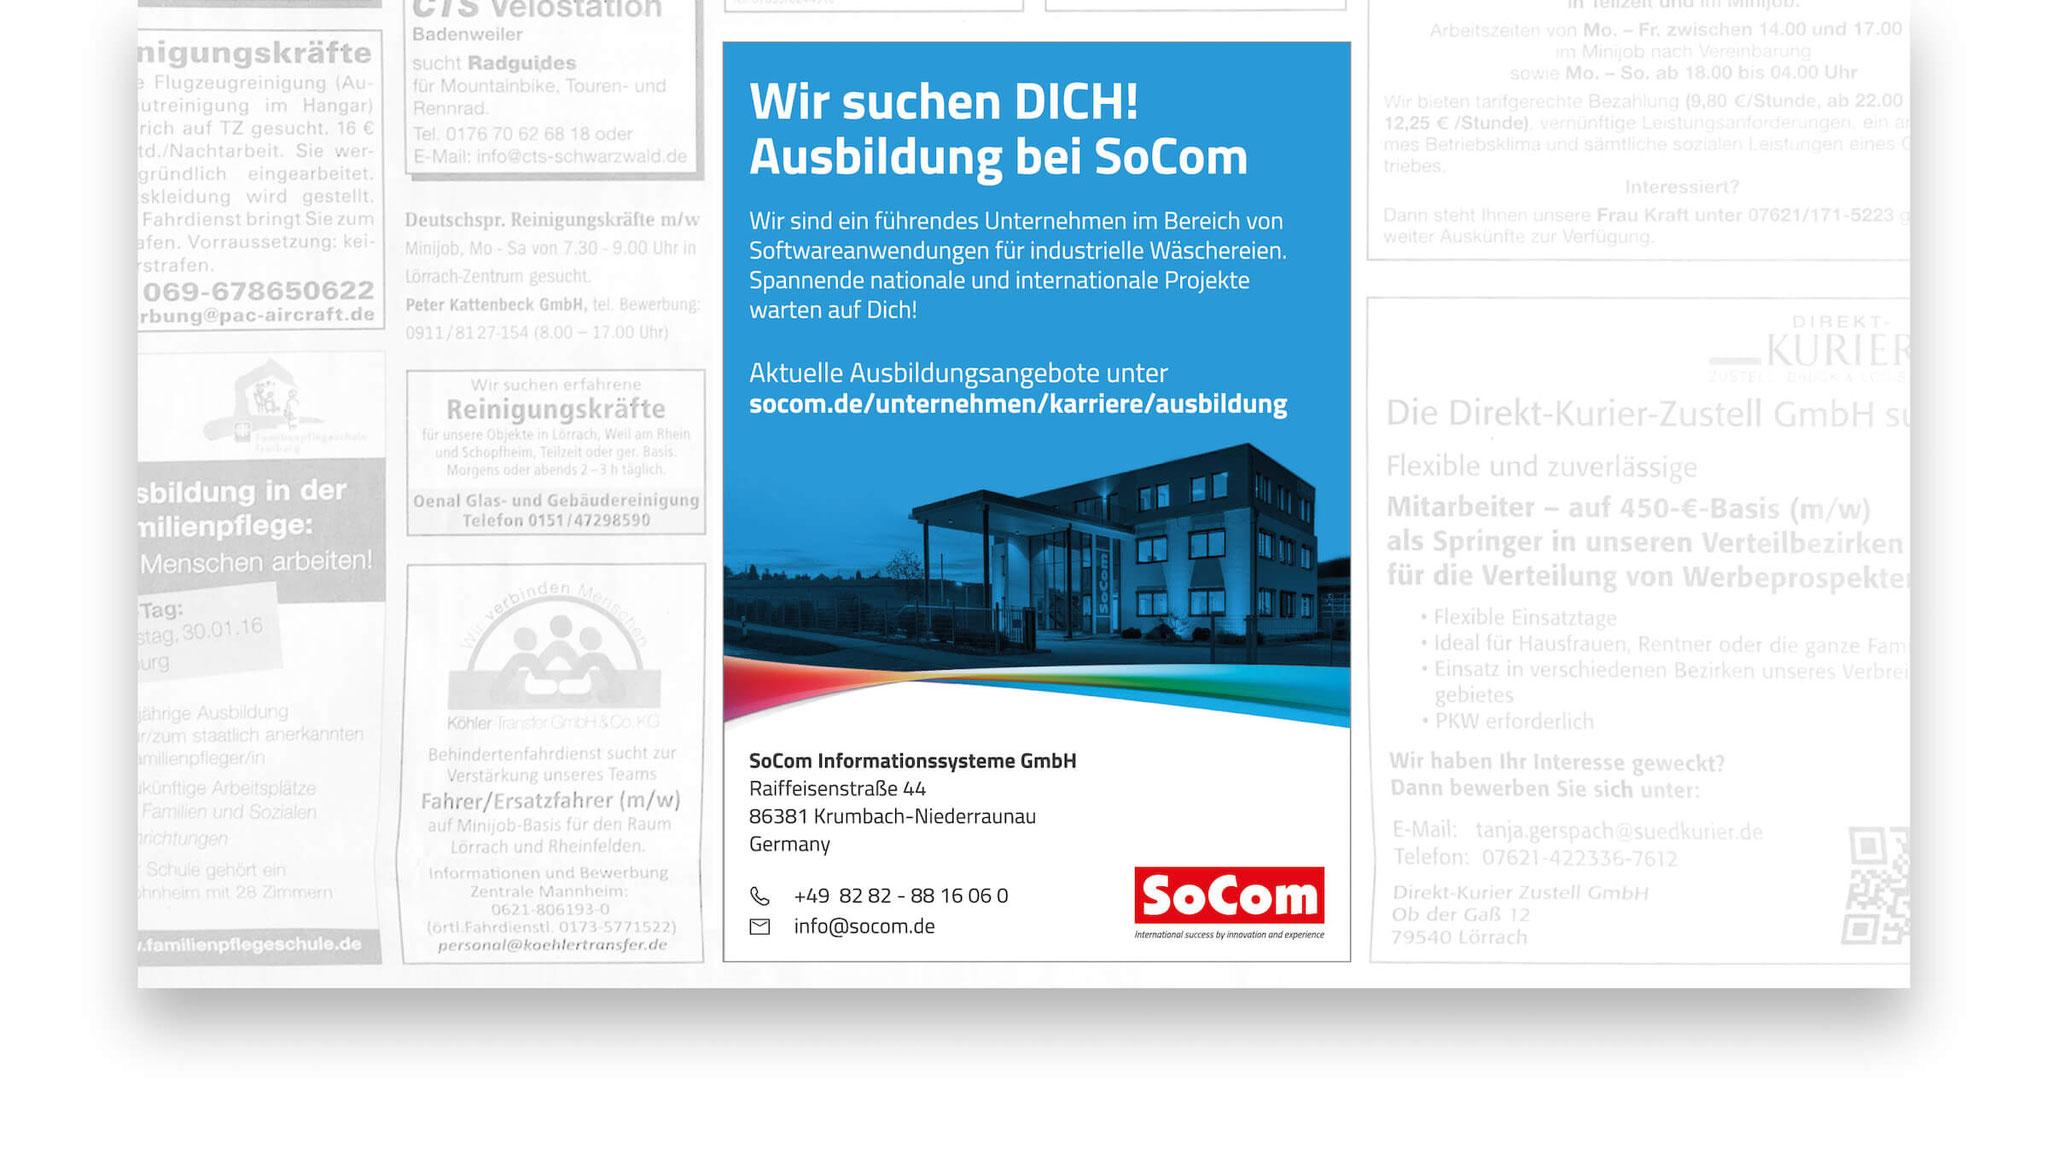 Diverse Ausbildungs- und Stelleninserate sowie Produktanzeigen für die Socom Informationssysteme GmbH.